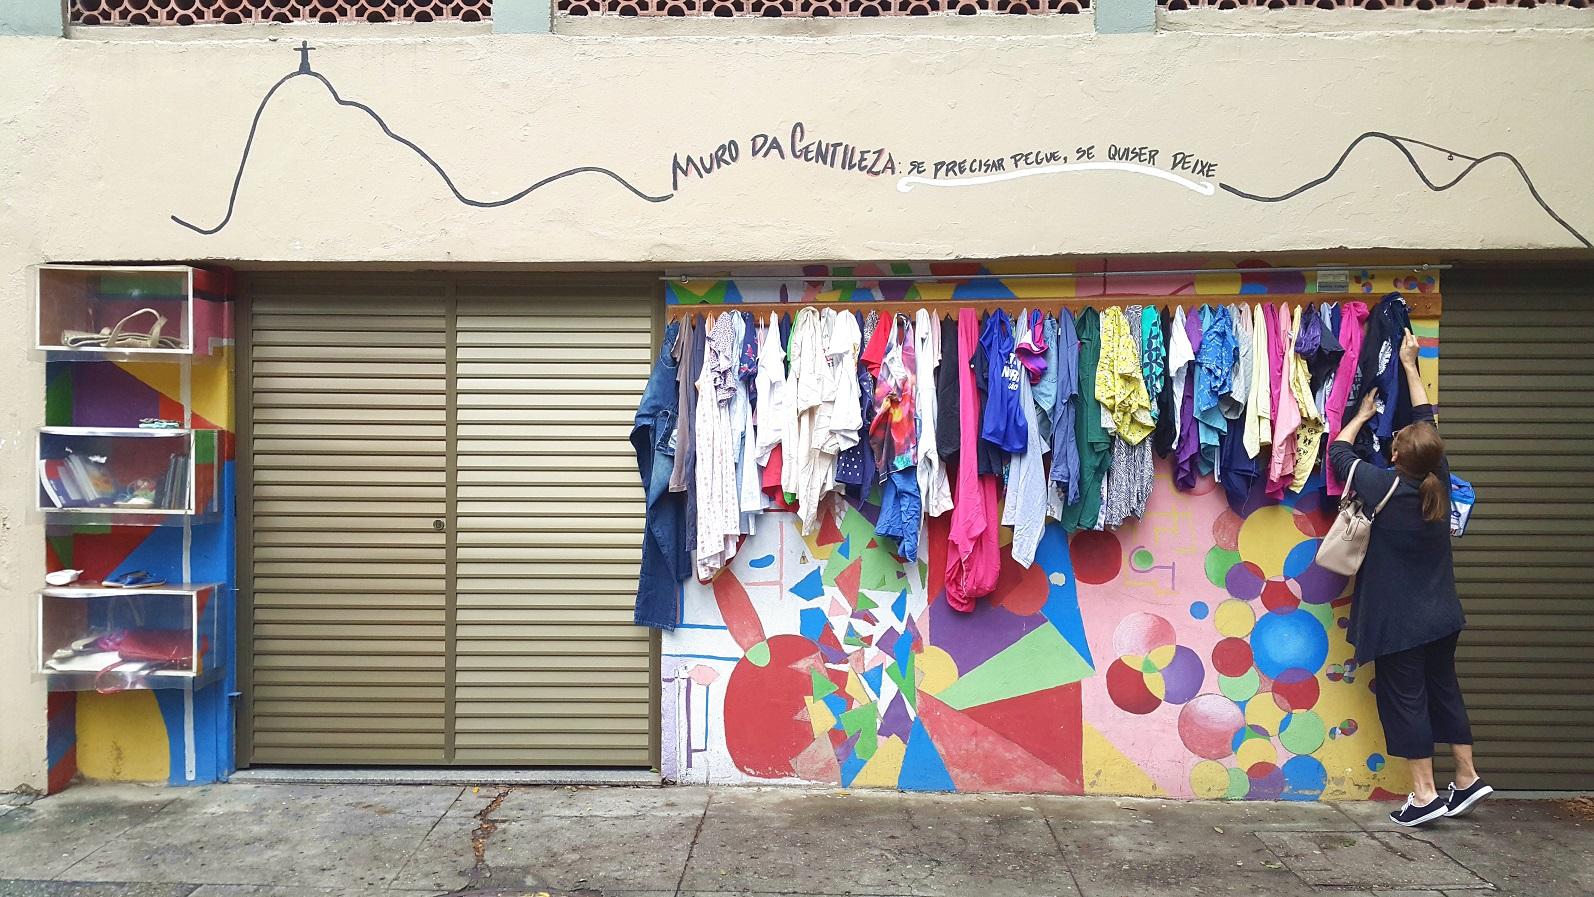 Inspirado em uma experiência do Irã, o Muro da Gentileza, do Colégio São Vicente, tem ganchos e prateleiras para que as pessoas coloquem os objetos descartados e retirem o que precisam. Foto Acervo do Colégio São Vicente